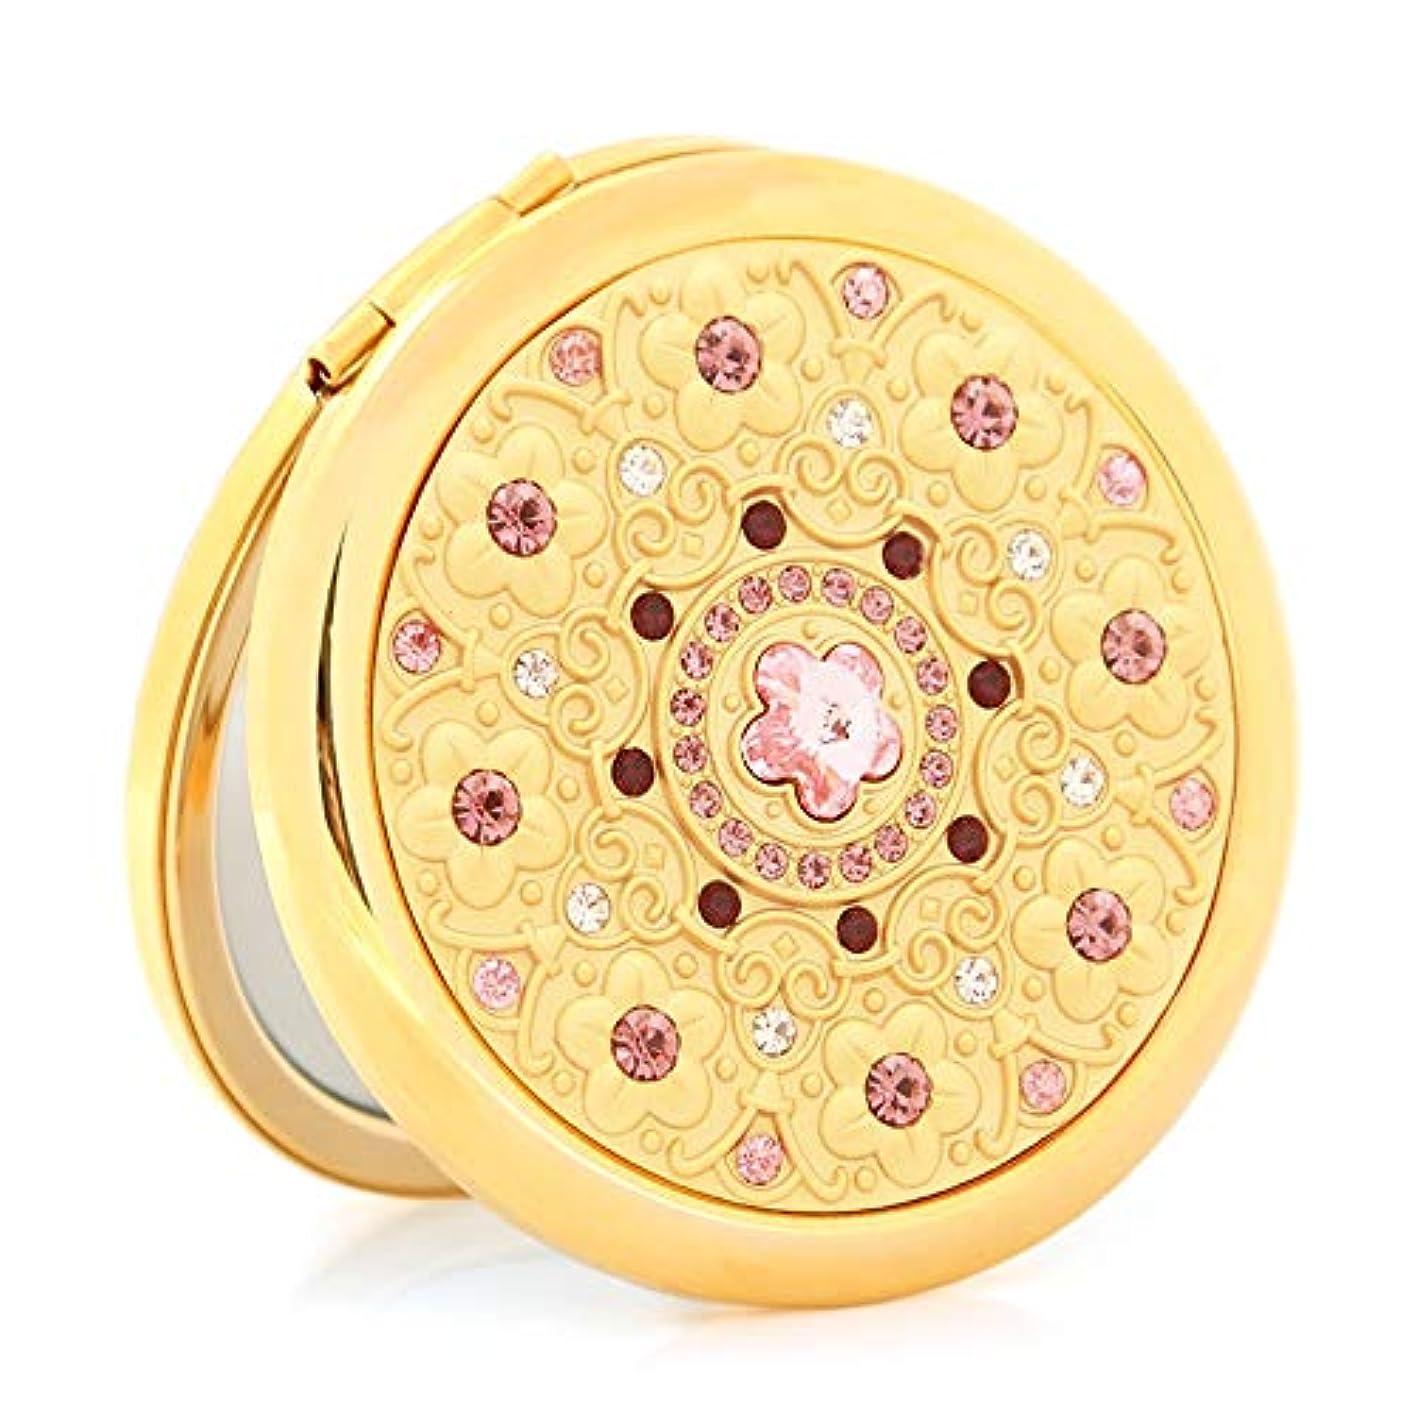 アクセスできない海洋ホーン流行の ゴールドポータブルHD化粧鏡ポータブル折りたたみ両面小さなミラーのガールフレンドバレンタインデーの贈り物